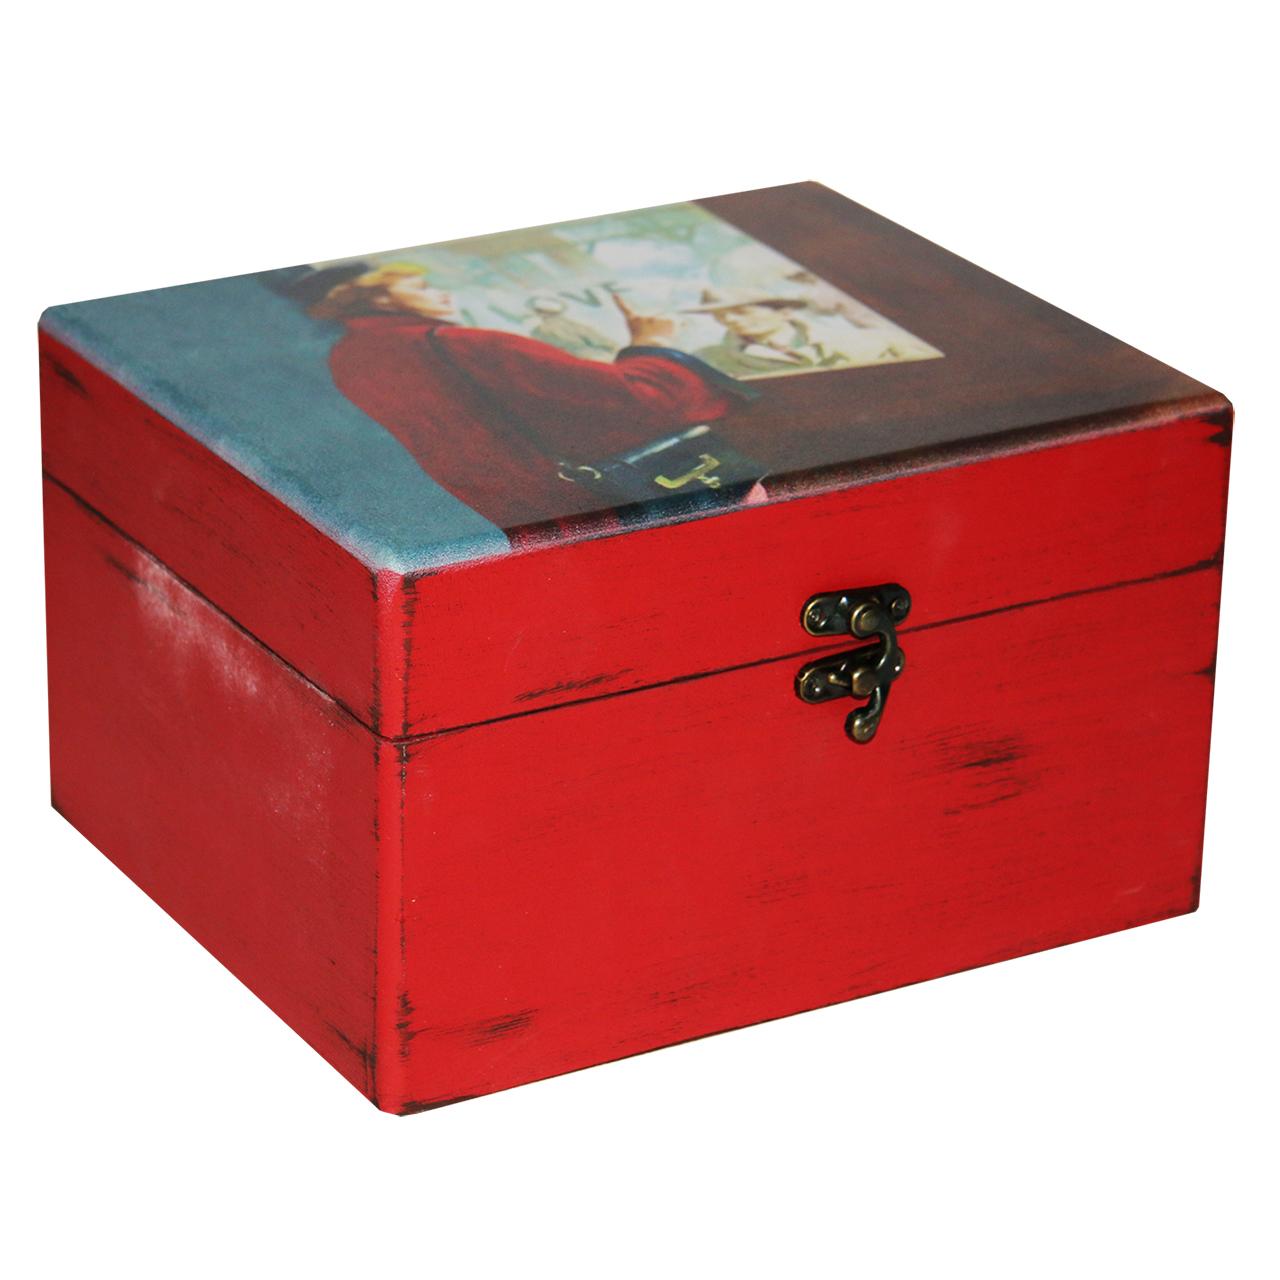 جعبه هدیه چوبی طرح Love کد 02